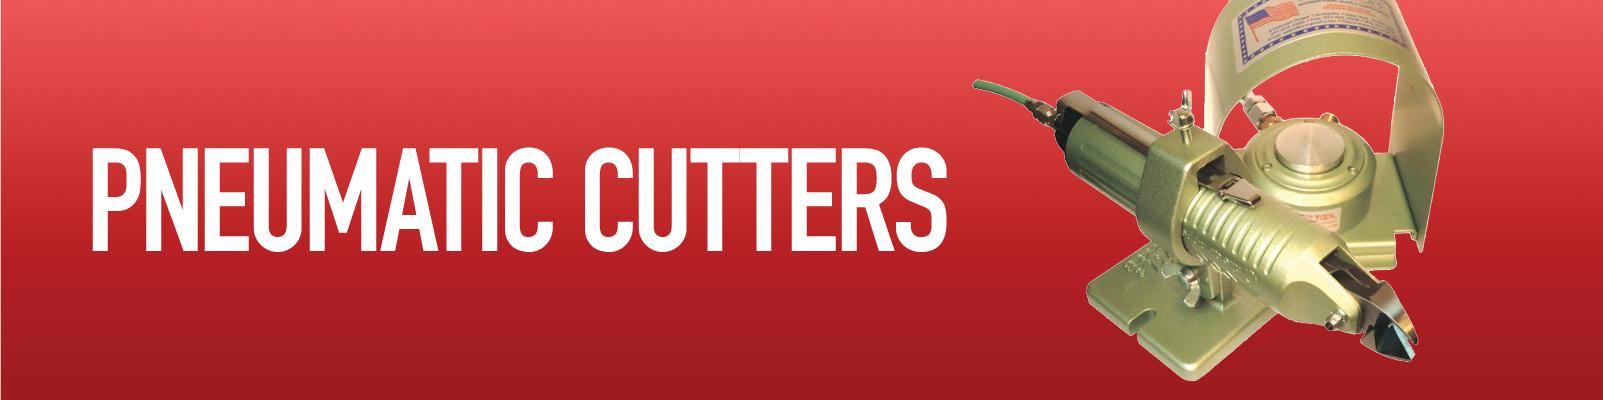 Pneumatic Cutters